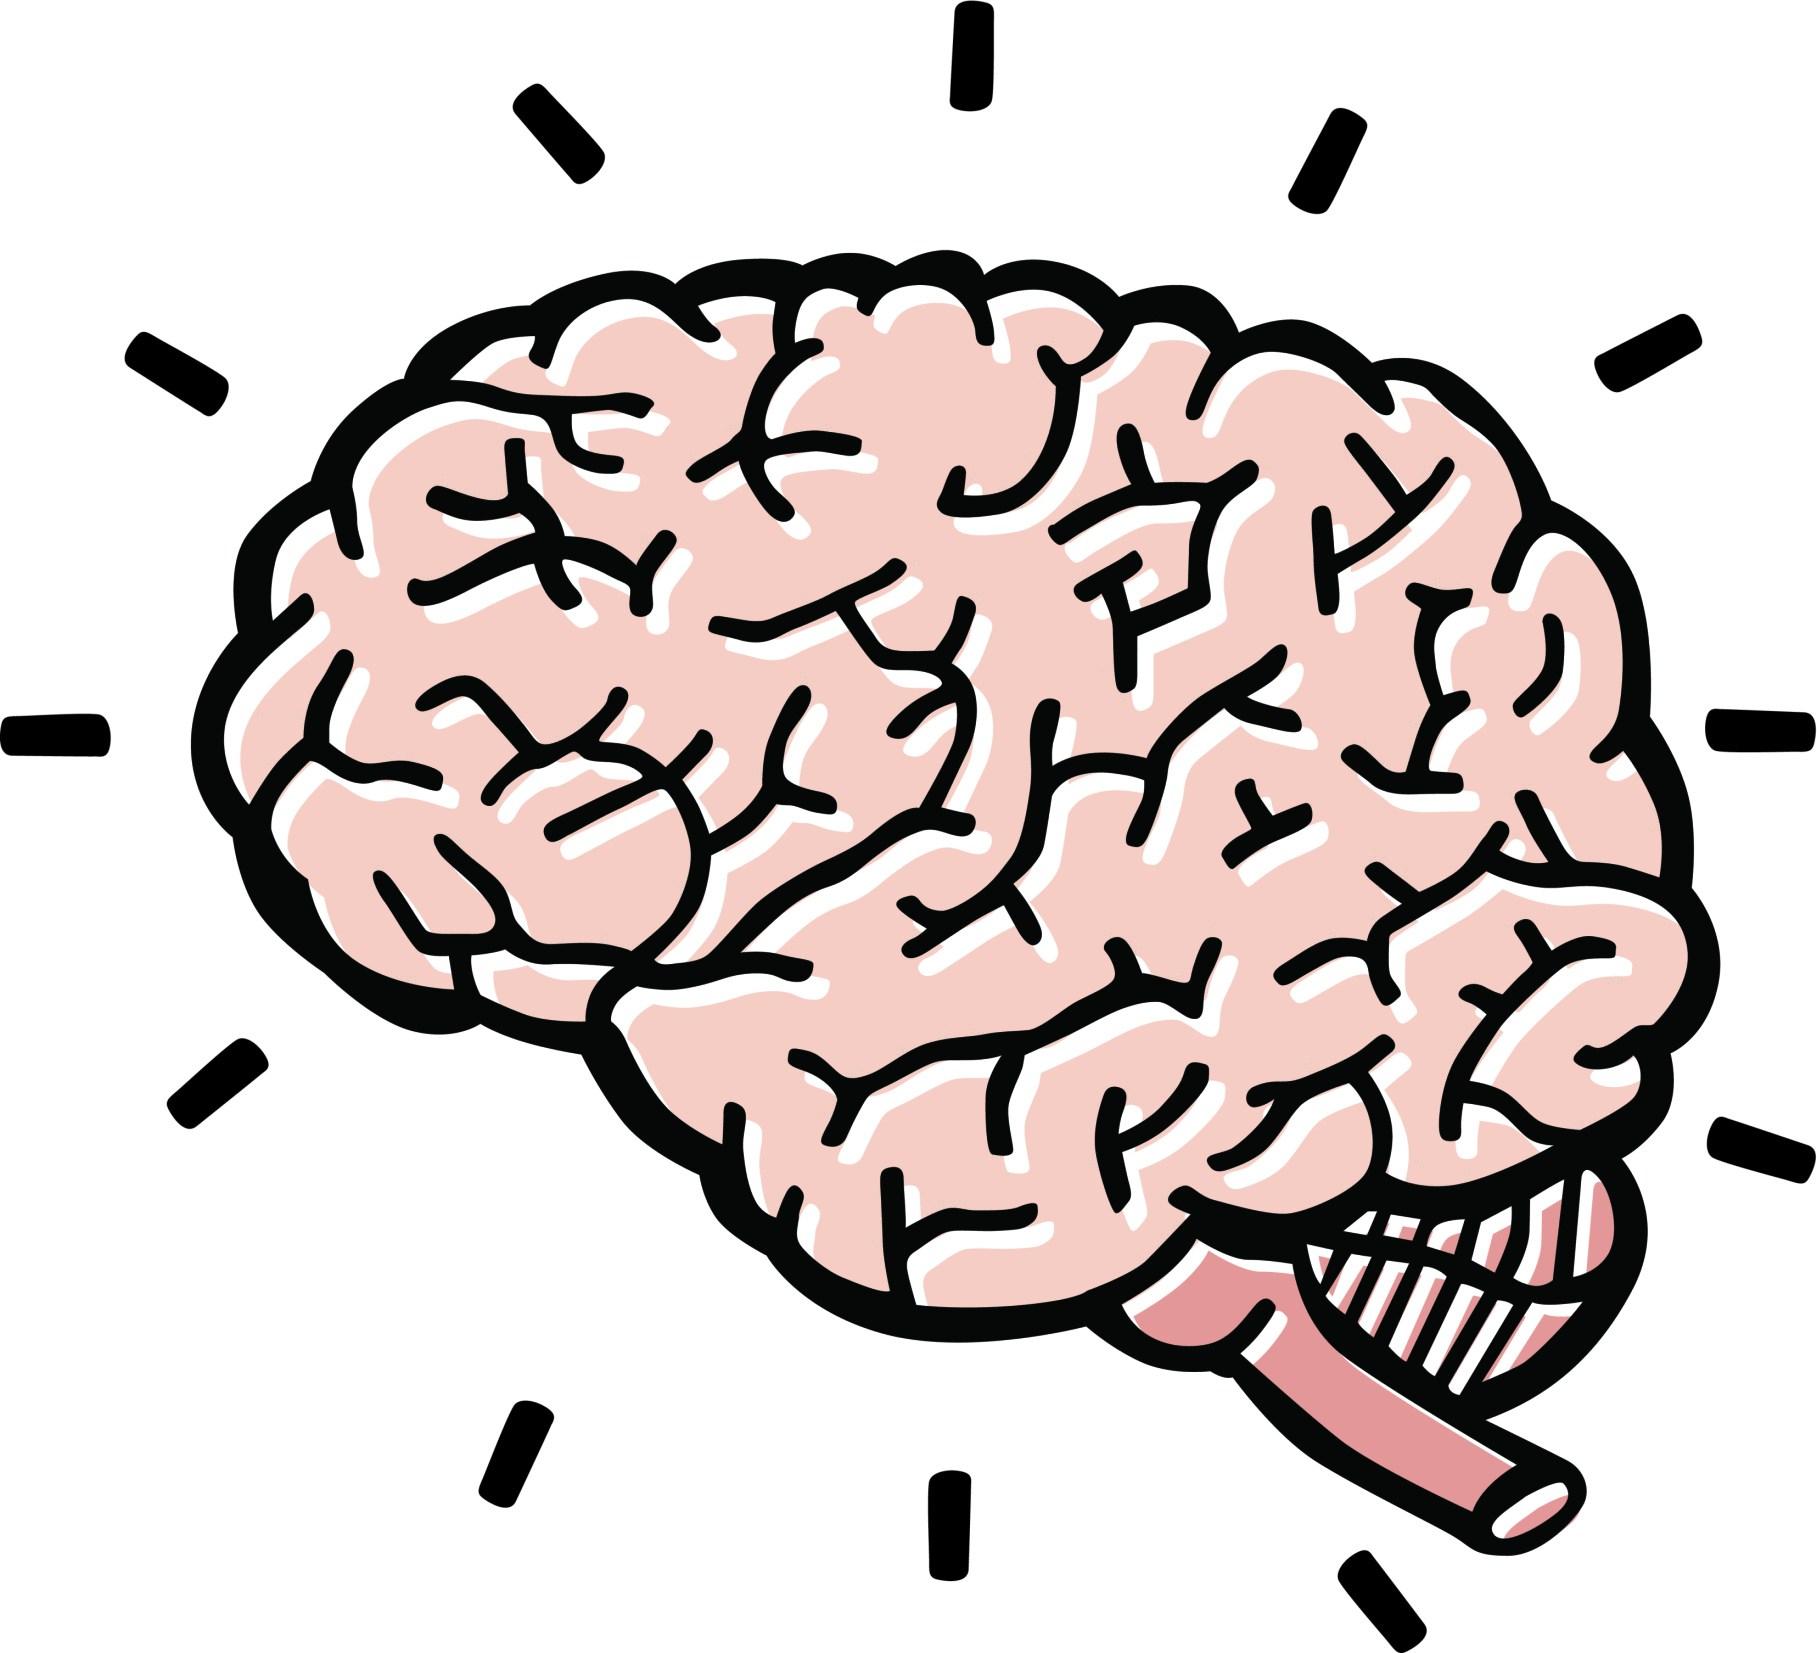 Brain thinking clipart 5 » Clipart Portal.